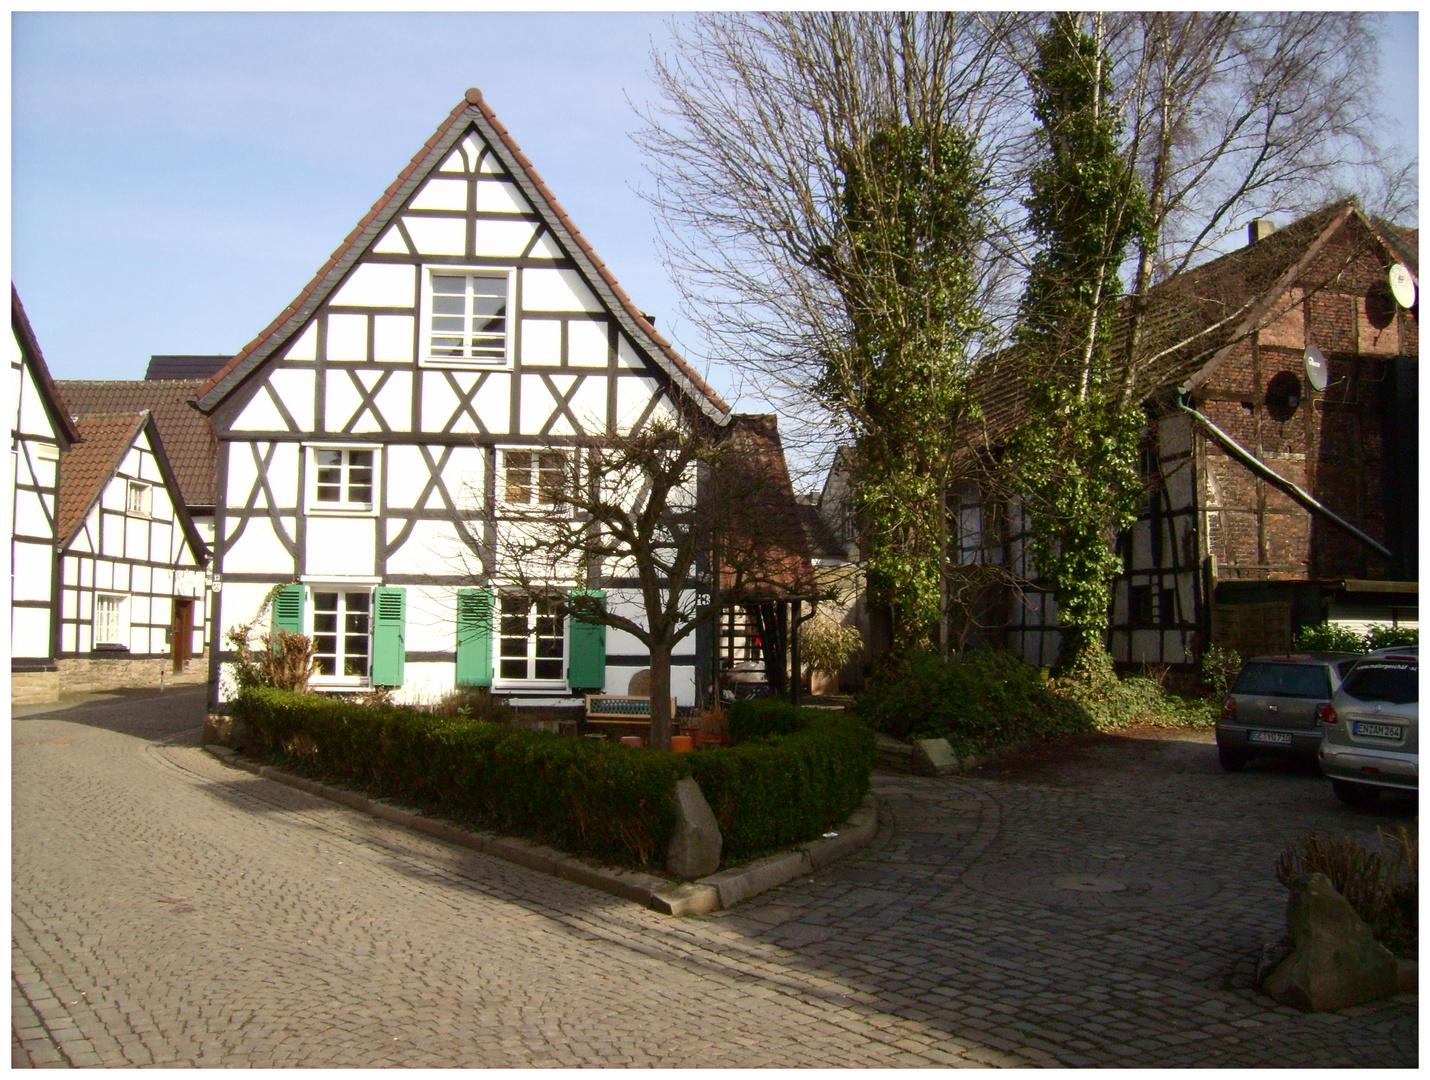 Herdecke, inmitten der Kleinstadt, eine Dorfszene.